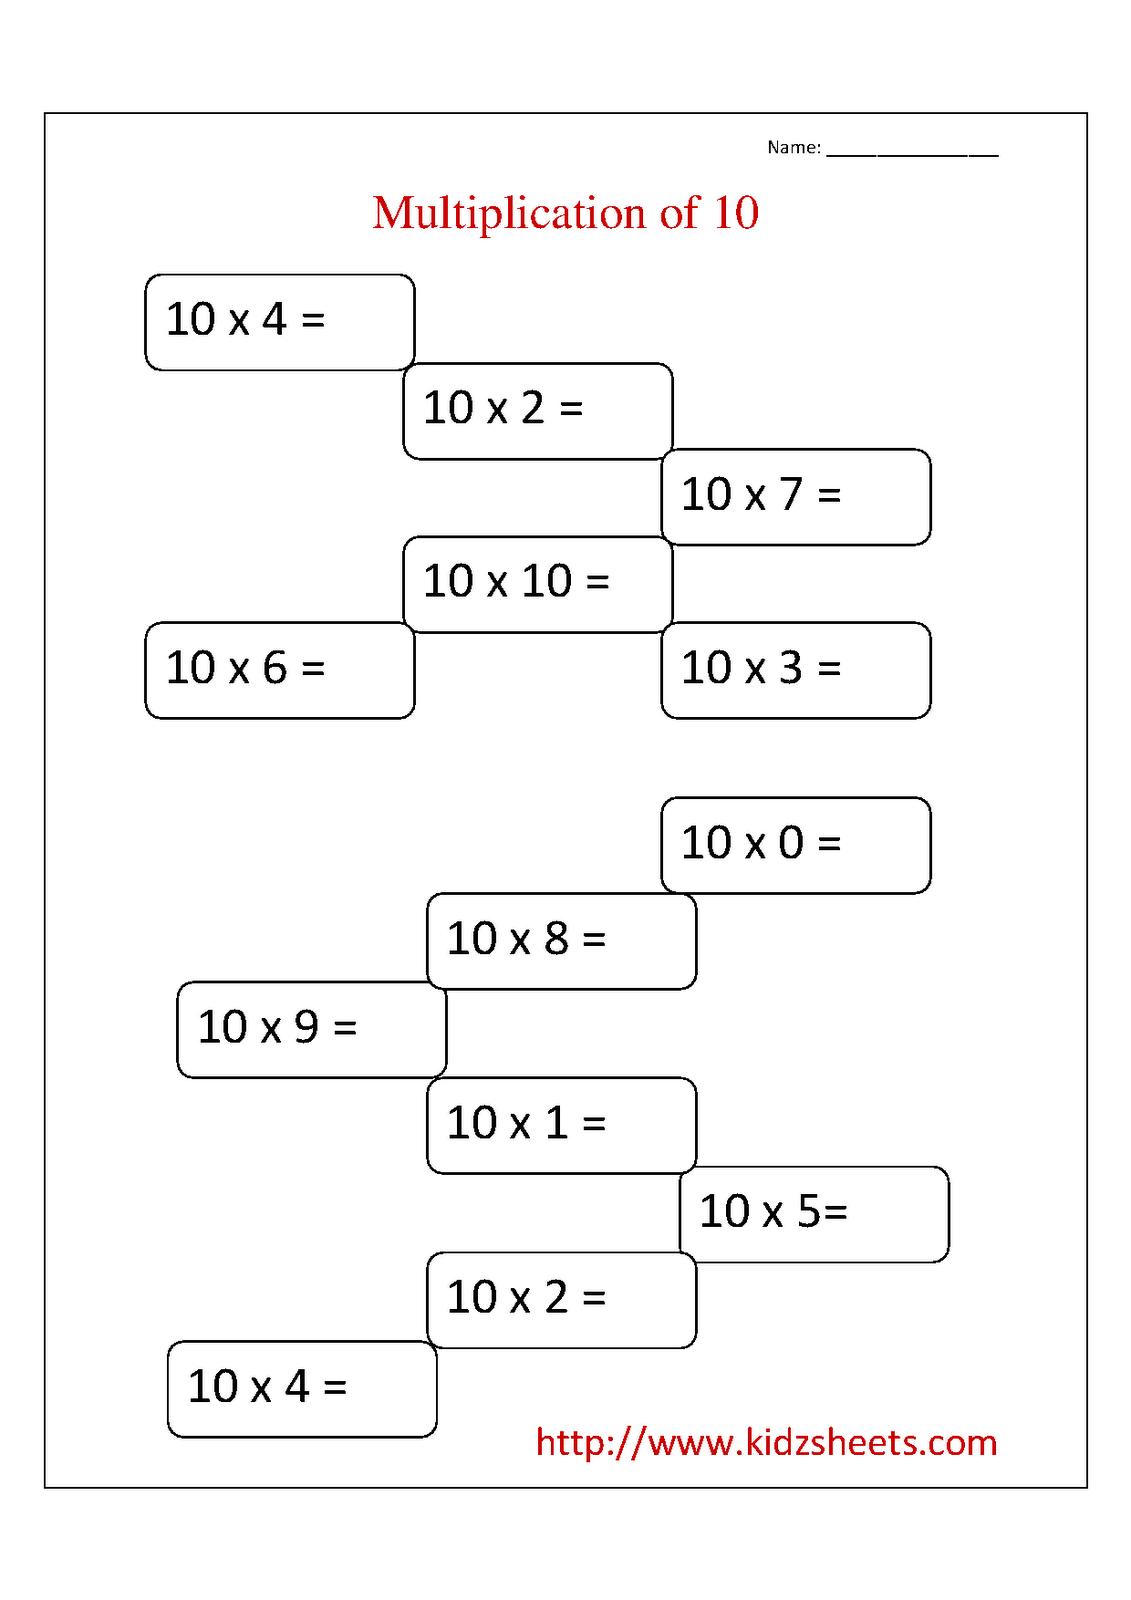 16 Best Images Of Multiplication Worksheets 1 10